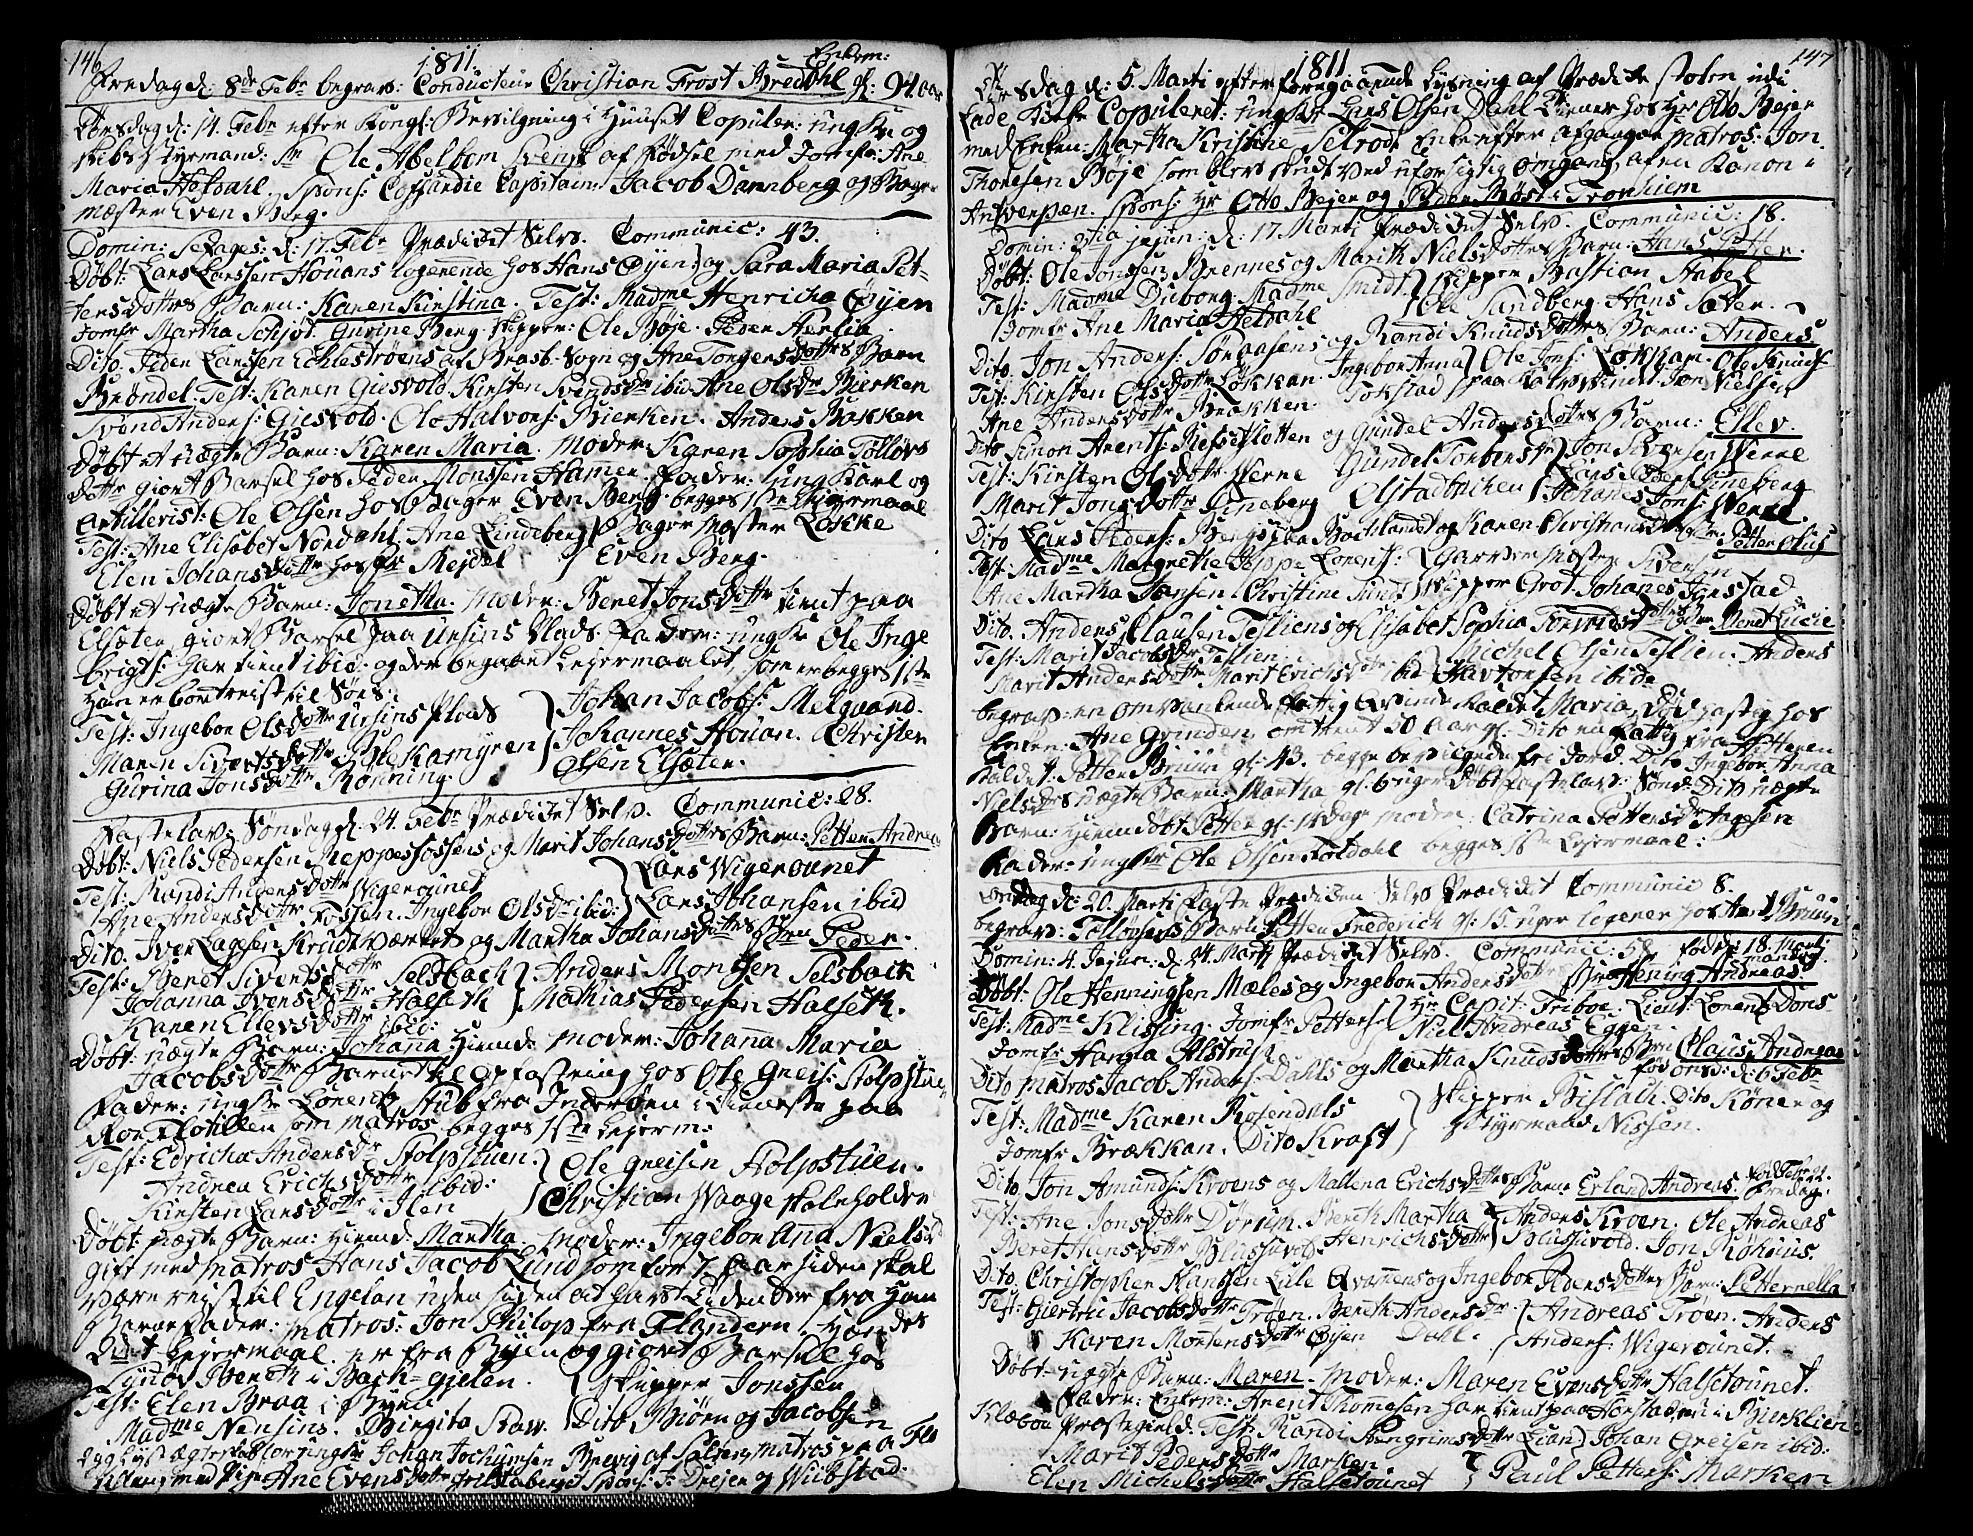 SAT, Ministerialprotokoller, klokkerbøker og fødselsregistre - Sør-Trøndelag, 604/L0181: Ministerialbok nr. 604A02, 1798-1817, s. 146-147